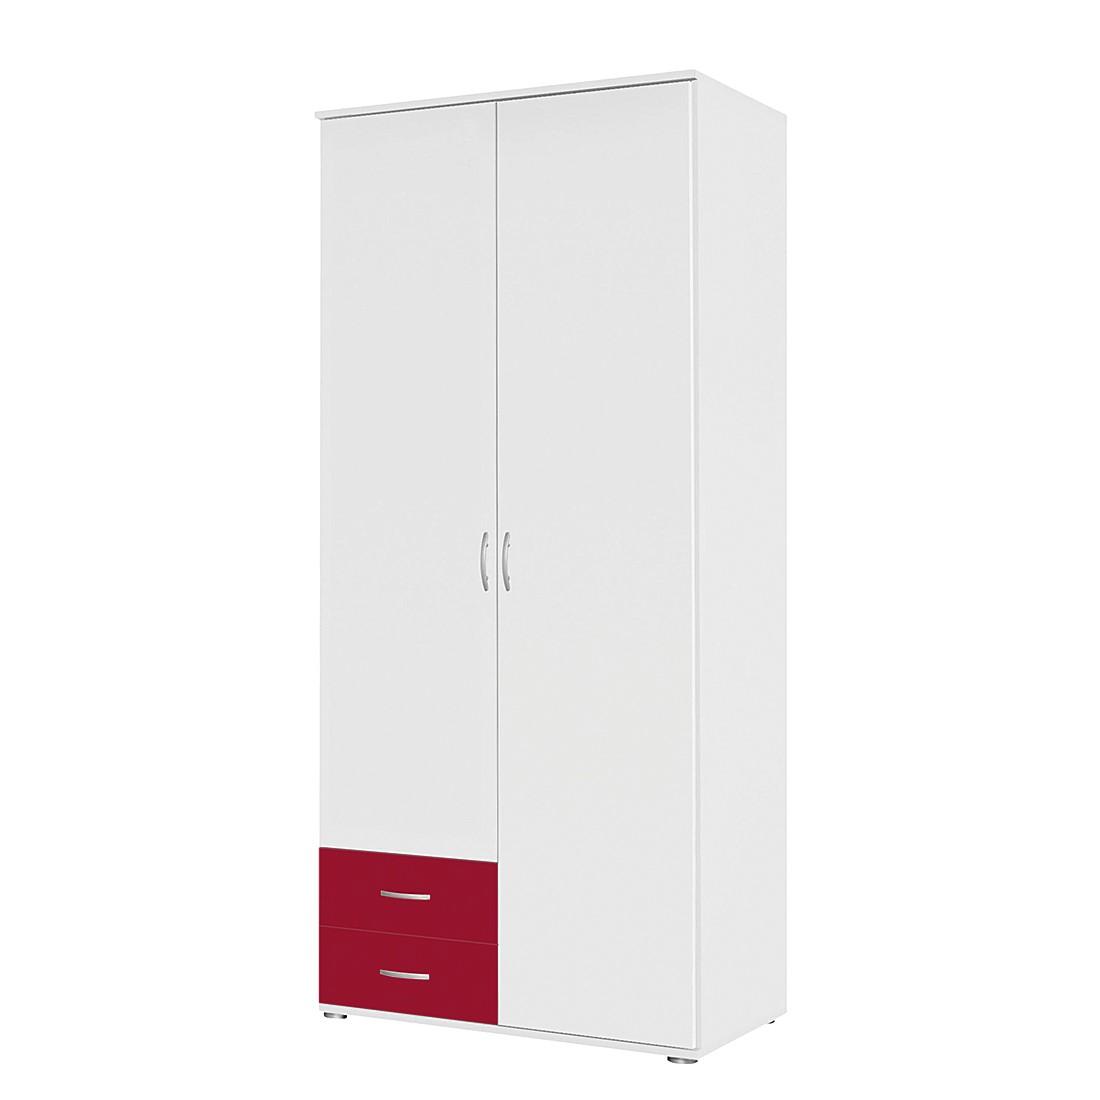 Drehtürenschrank Daniele II – Weiß / Rot – 85 cm (2-türig) – Ohne Spiegeltür/-en, Rauch Pack´s günstig bestellen